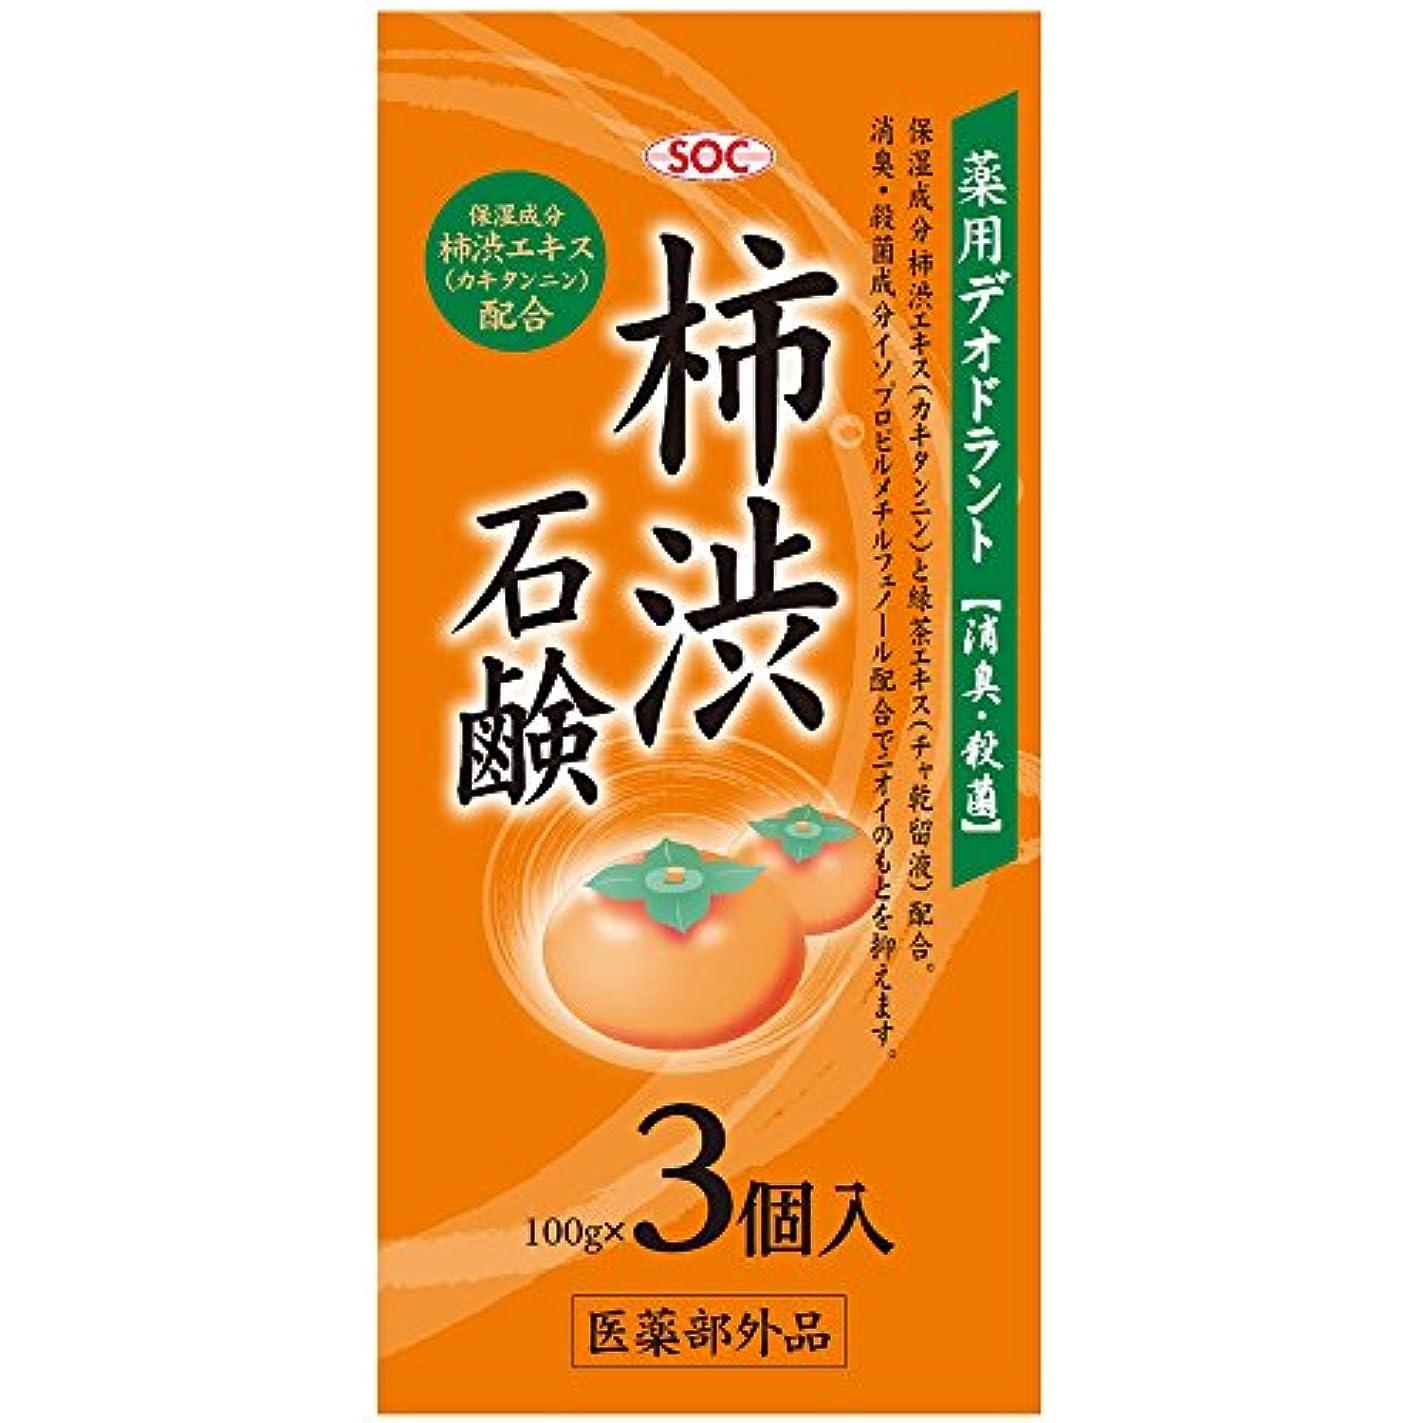 ご予約プラス仲間、同僚SOC 薬用柿渋石鹸 3P (100g×3)